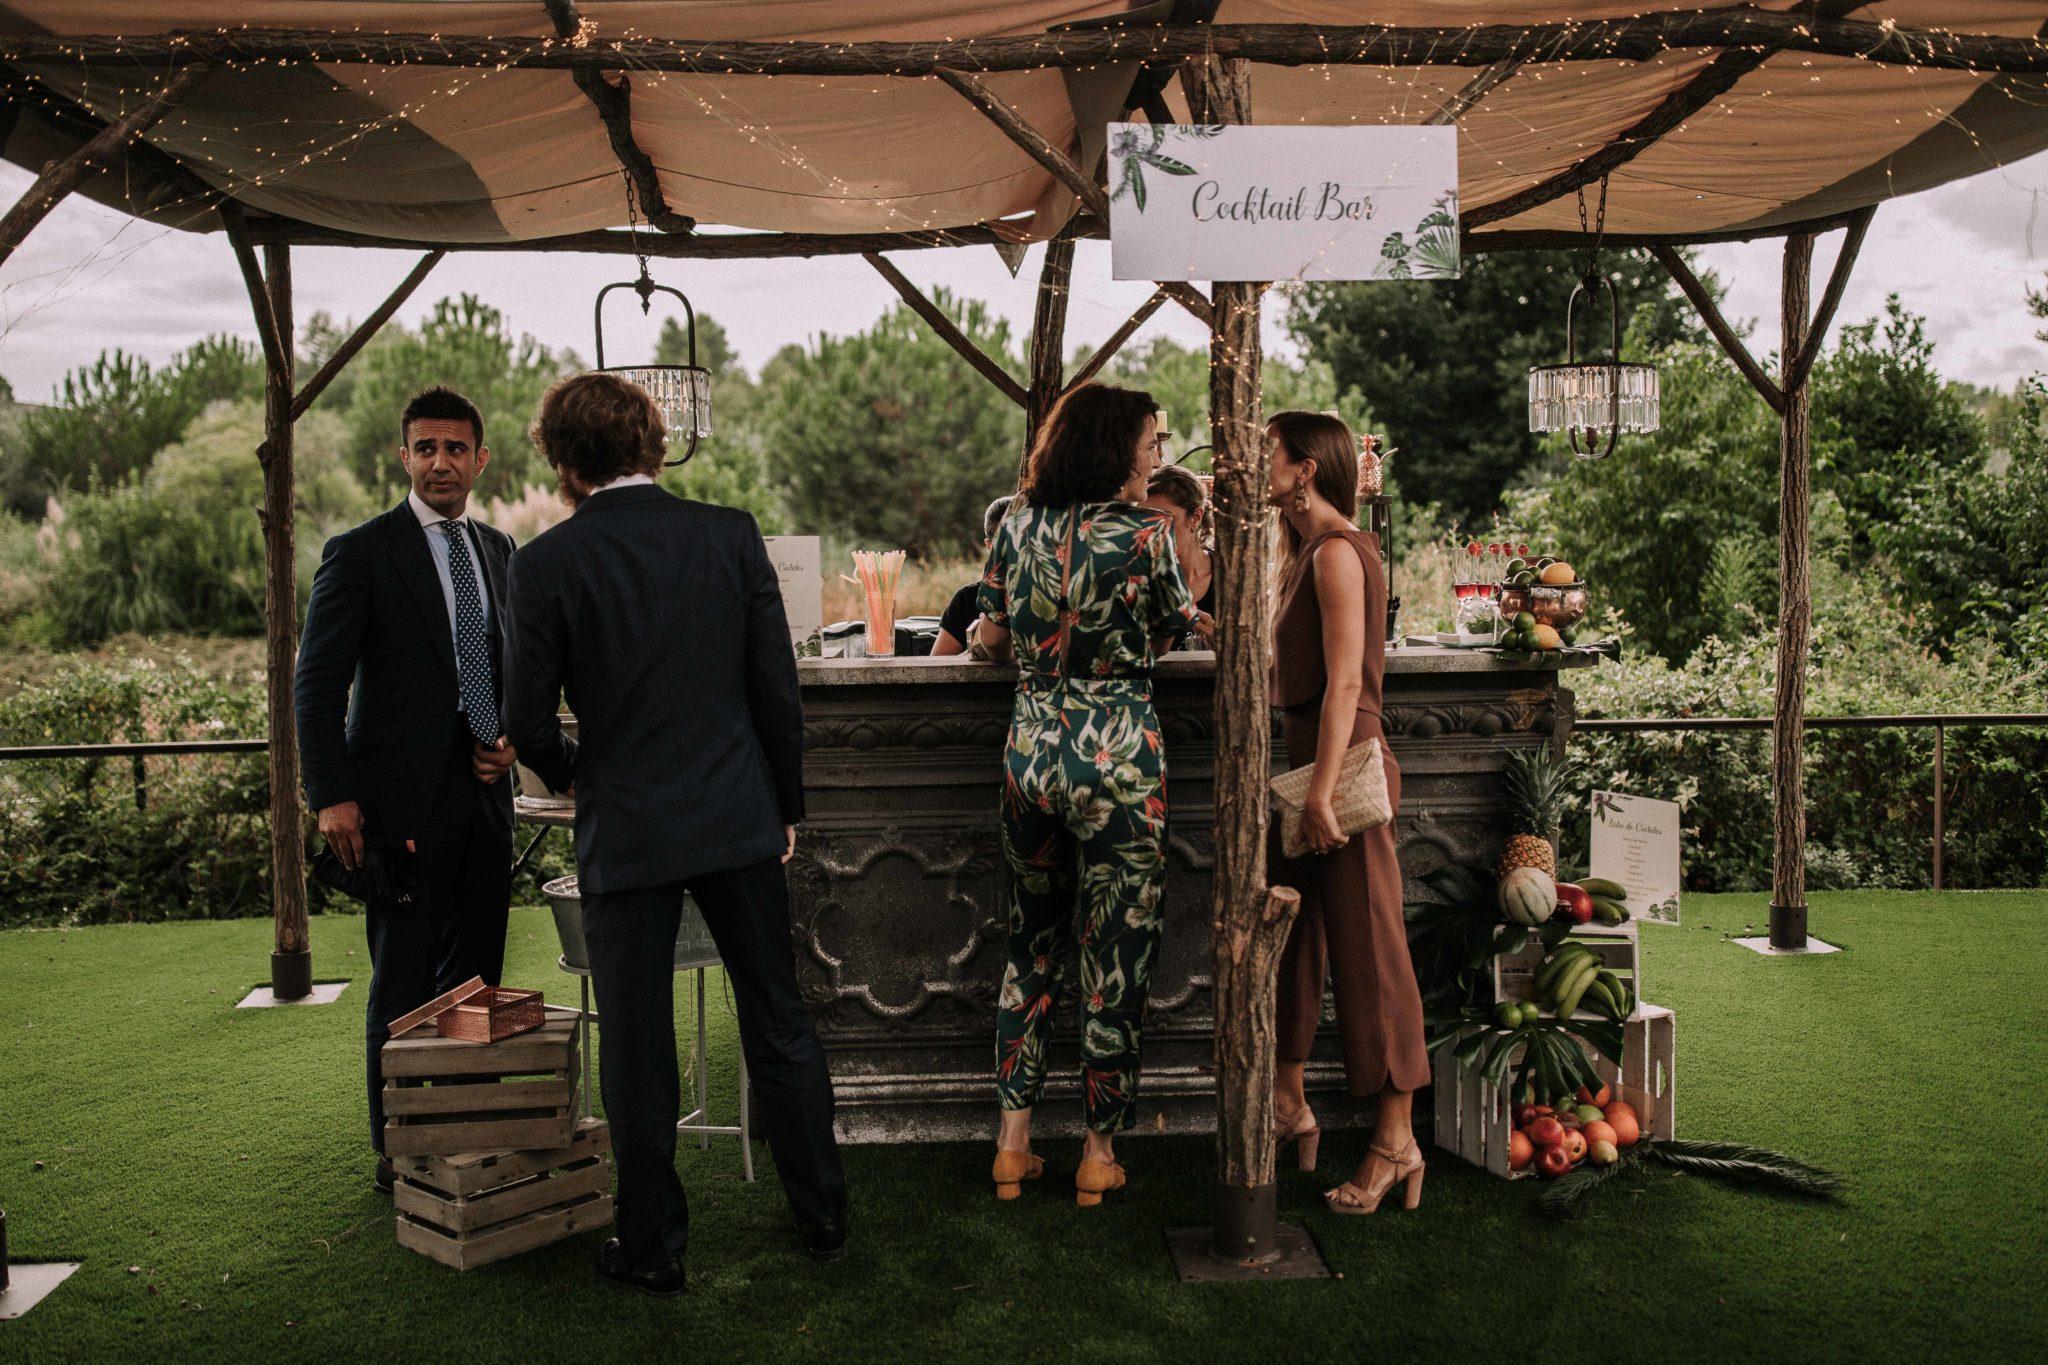 CIGARRAL DE LAS MERCEDES PRE-WEDDING POST WEDDING WEDDING VENUE SPAIN COCKTAIL PARTY